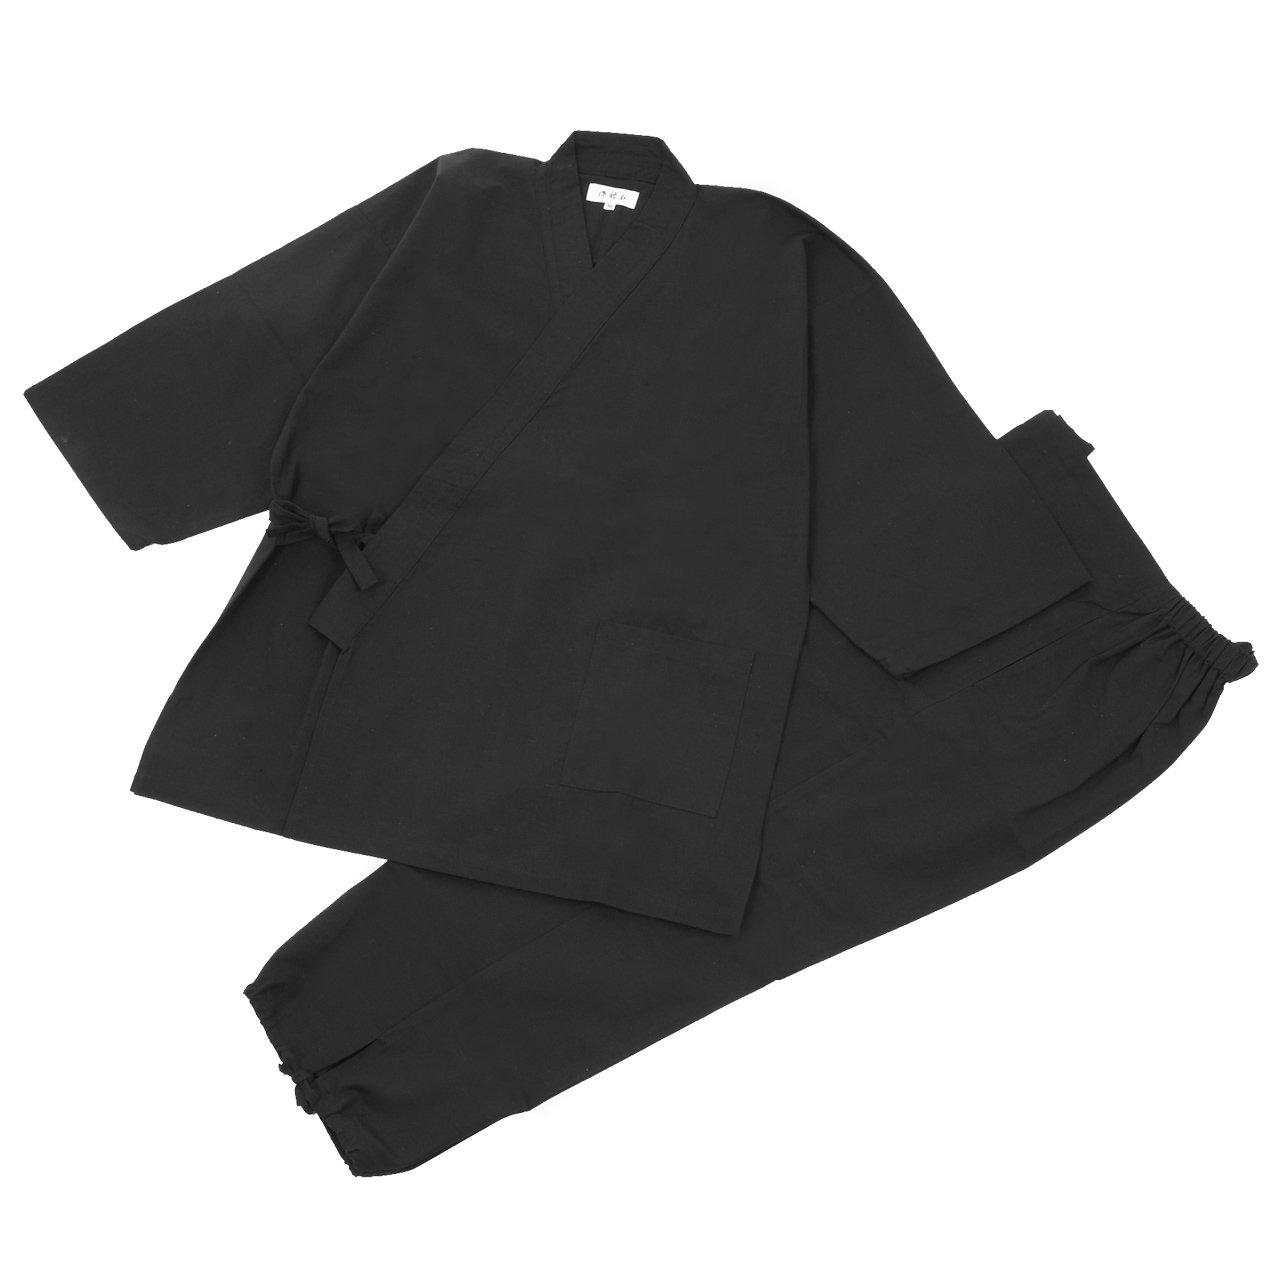 江戸てん 作務衣 久留米紬織り 日本製 高級 素材からこだわりました つむぎ メンズ B00I7H7JX4 L|ブラック ブラック L